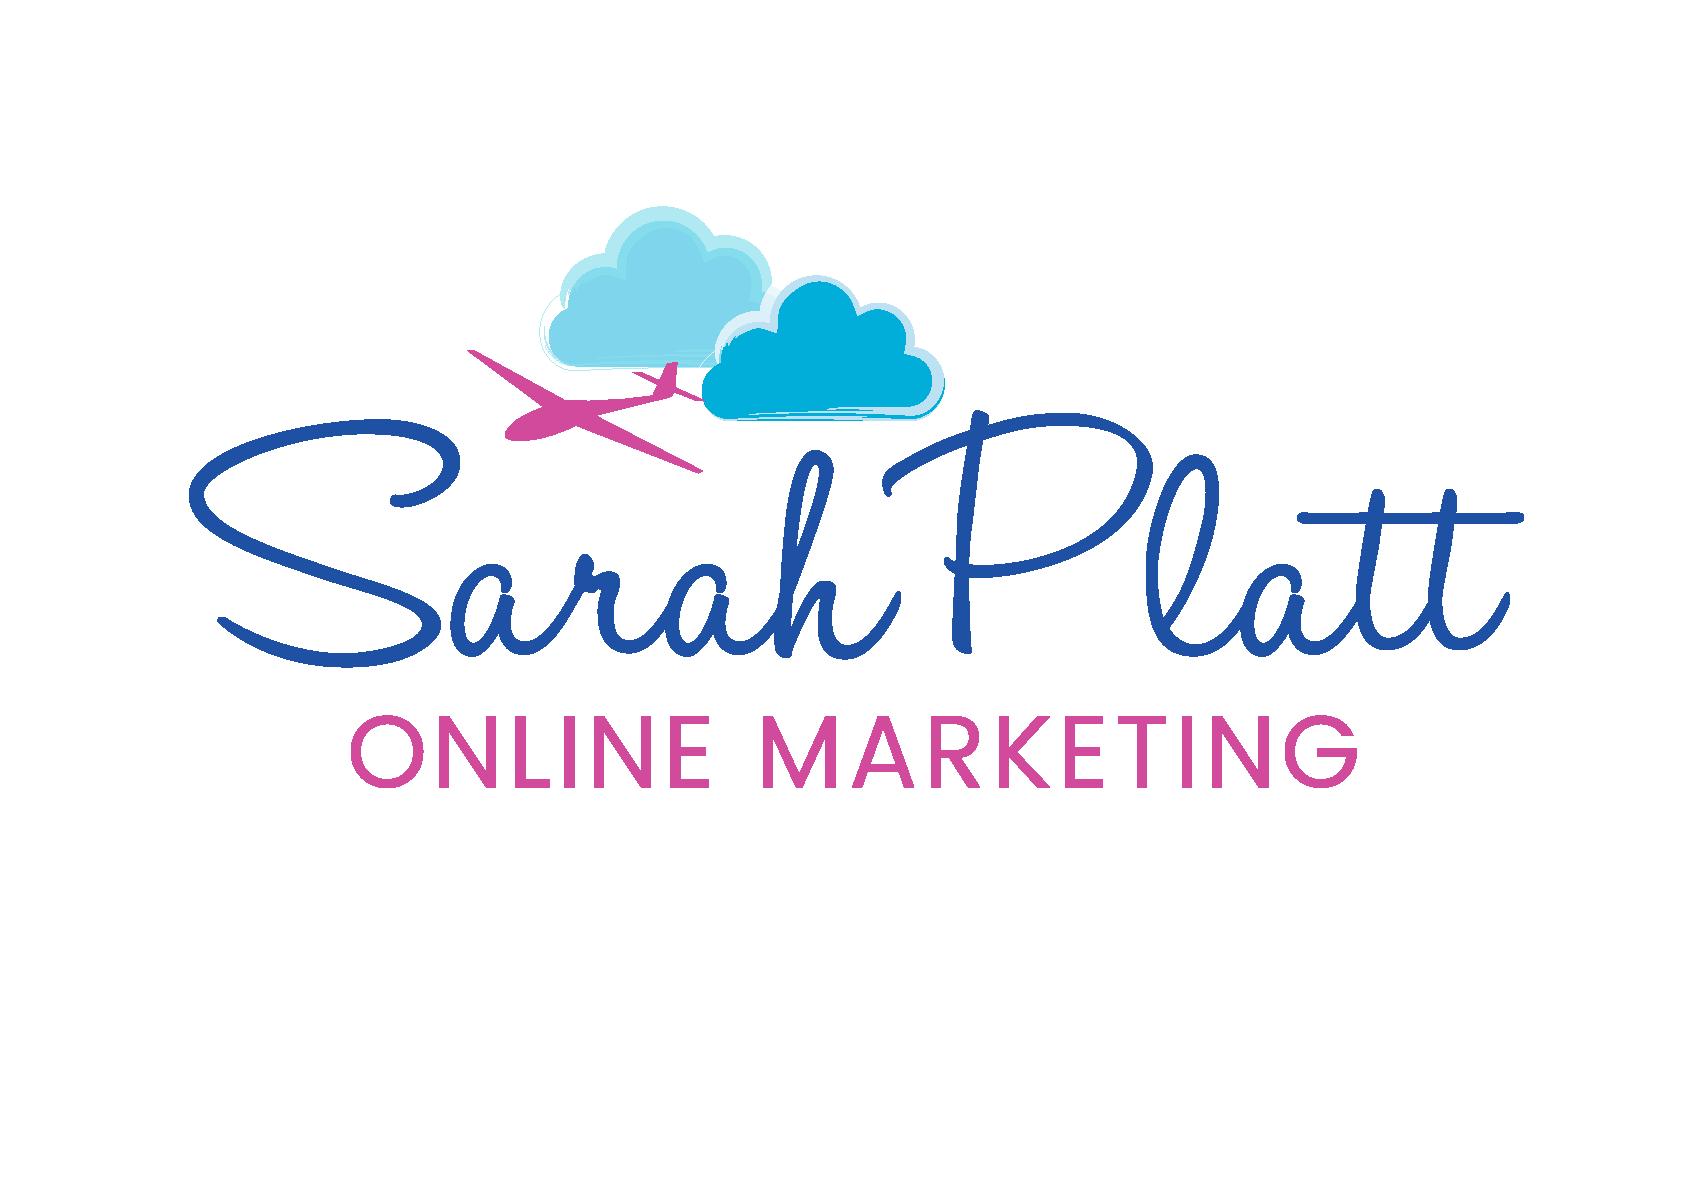 Sarah Platt Online: Social Media Strategist